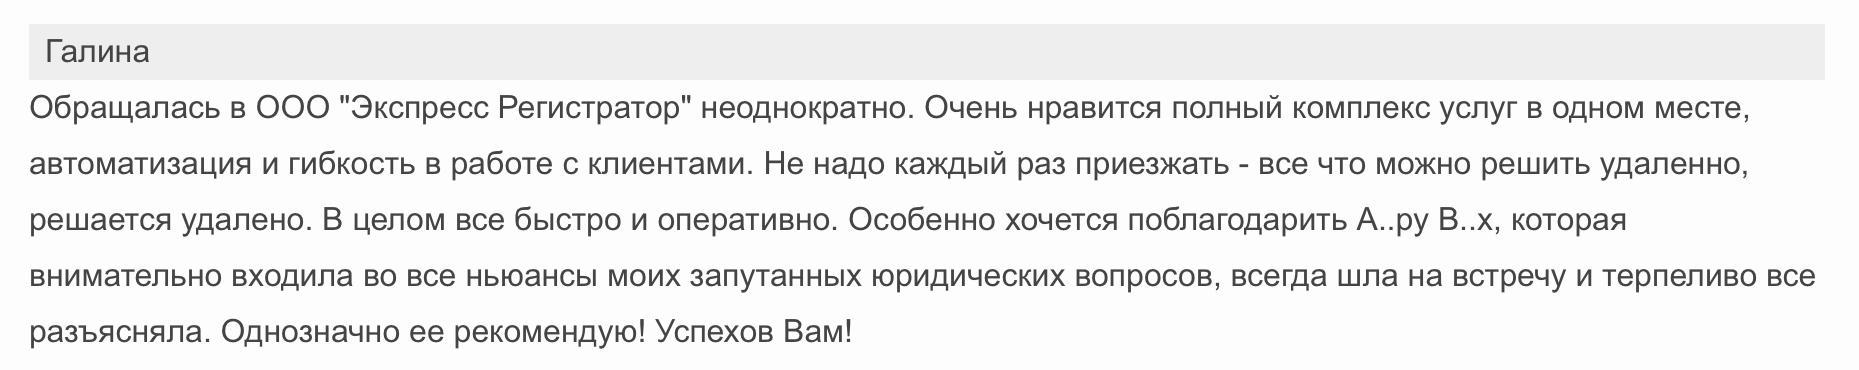 Положительный отзыв Галины о работе «Экспресс Регистратора»